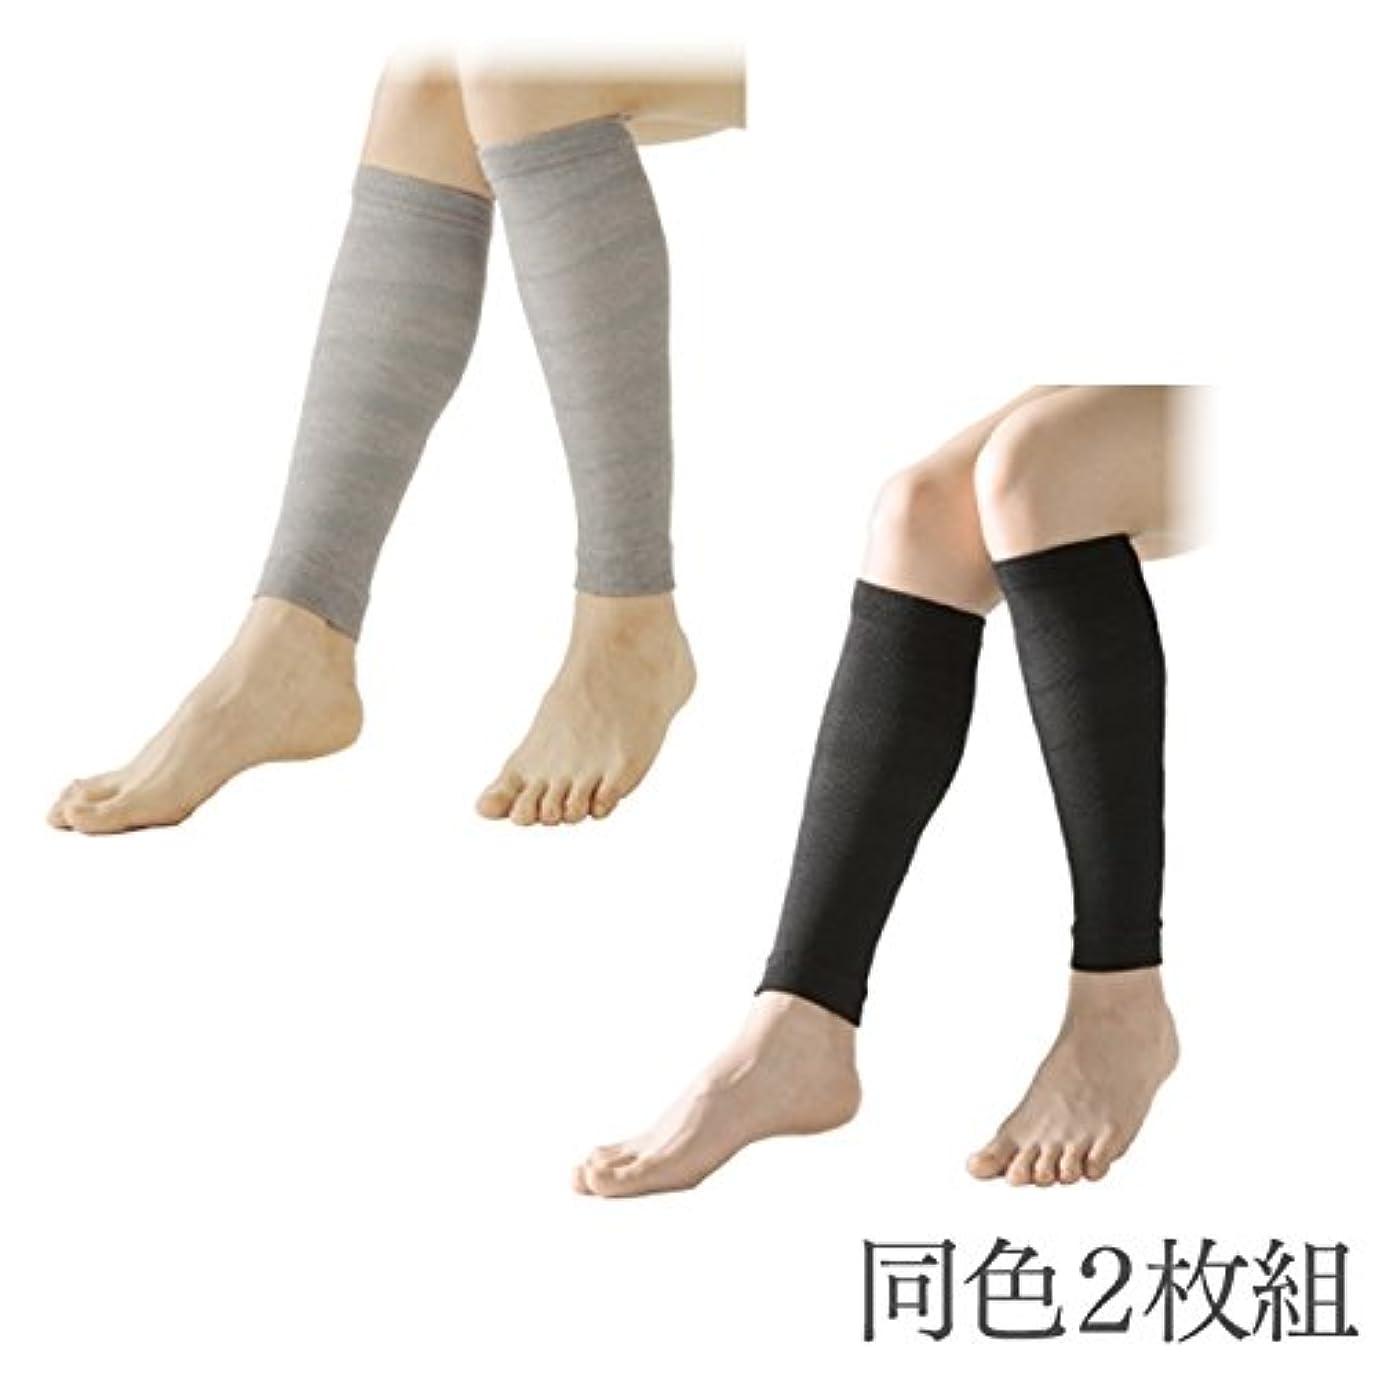 キャビン素子お世話になった着圧ソックス 足のむくみ 靴下 むくみ解消 着圧ふくらはぎサポーター 2枚組